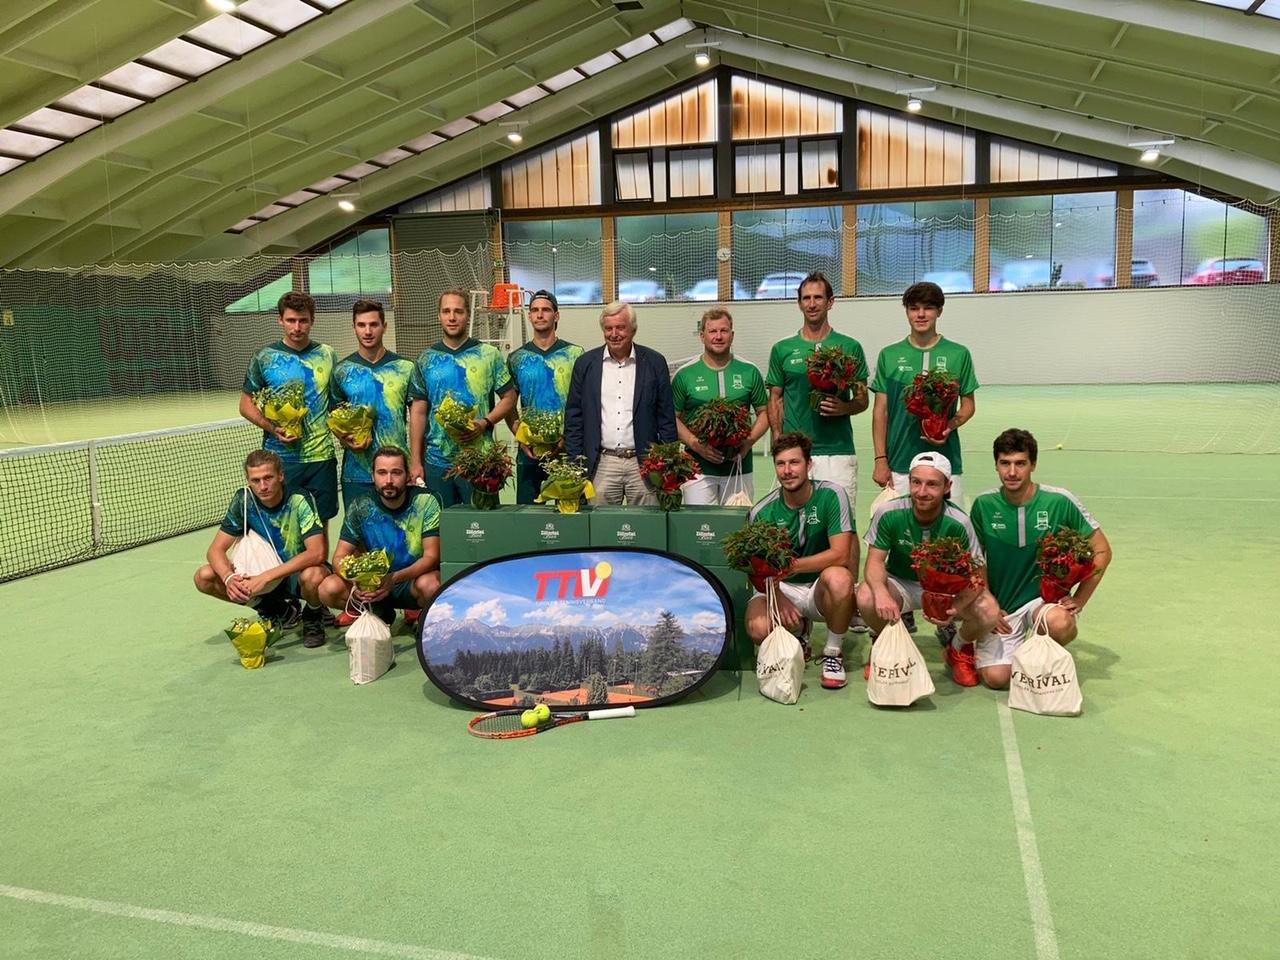 Die 2. Telfer Herrenmannschaft schnappt sich den Meistertitel in der Tiroler Liga